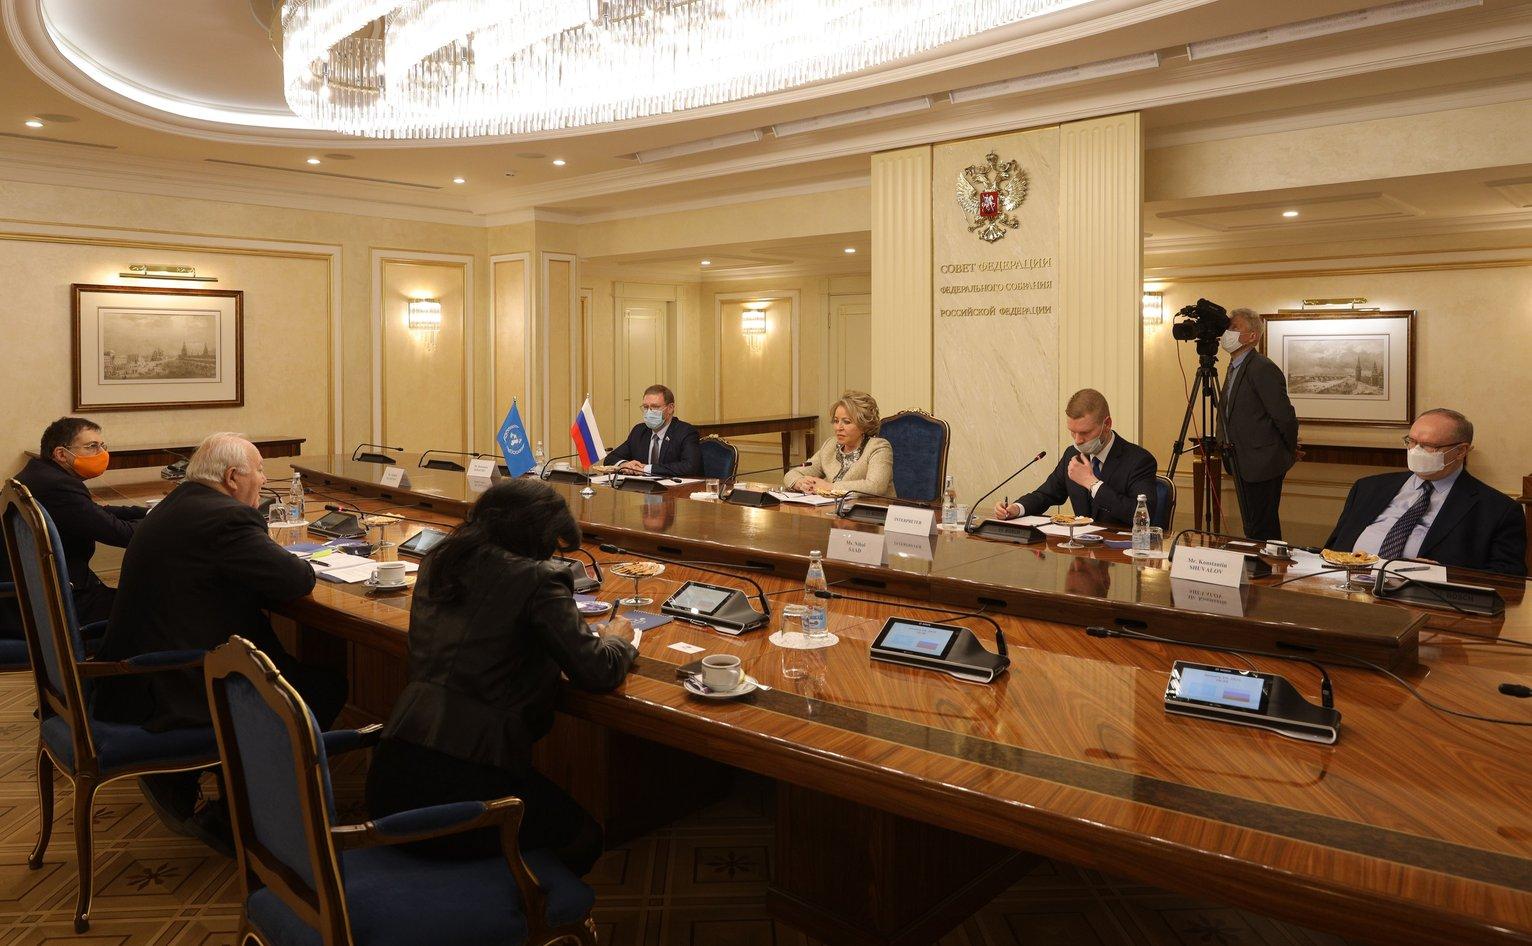 Глава Совета Федерации России: Вопросы межрелигиозного и межэтнического диалога носят фундаментальный характер